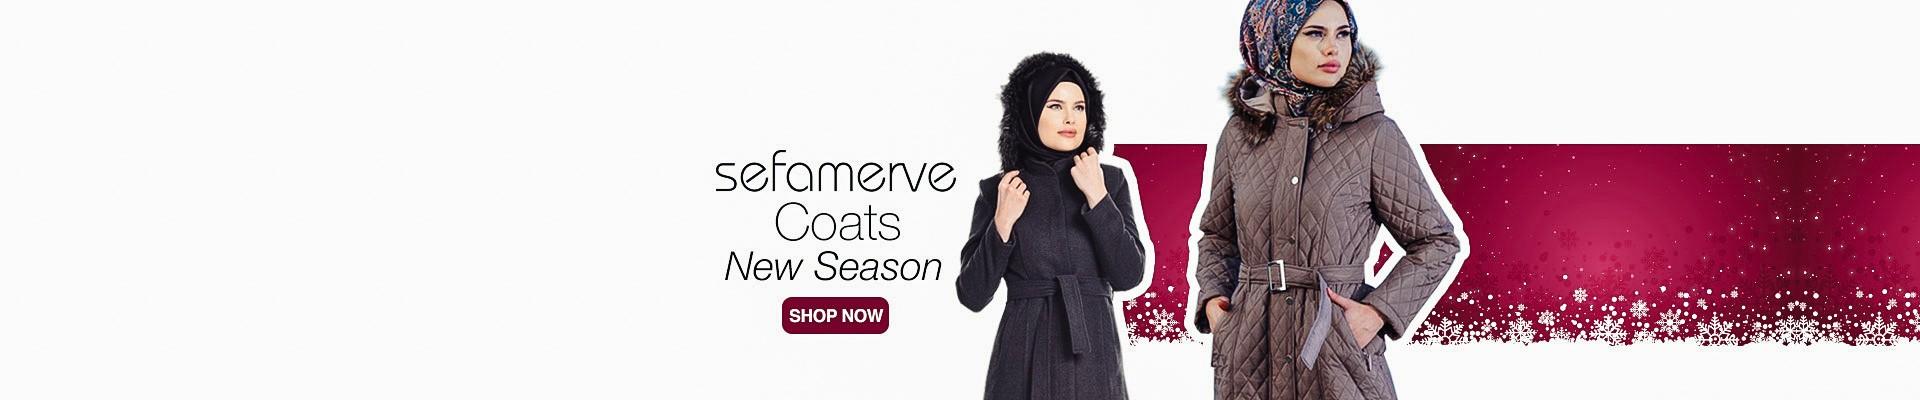 Sefamerve Coat Models